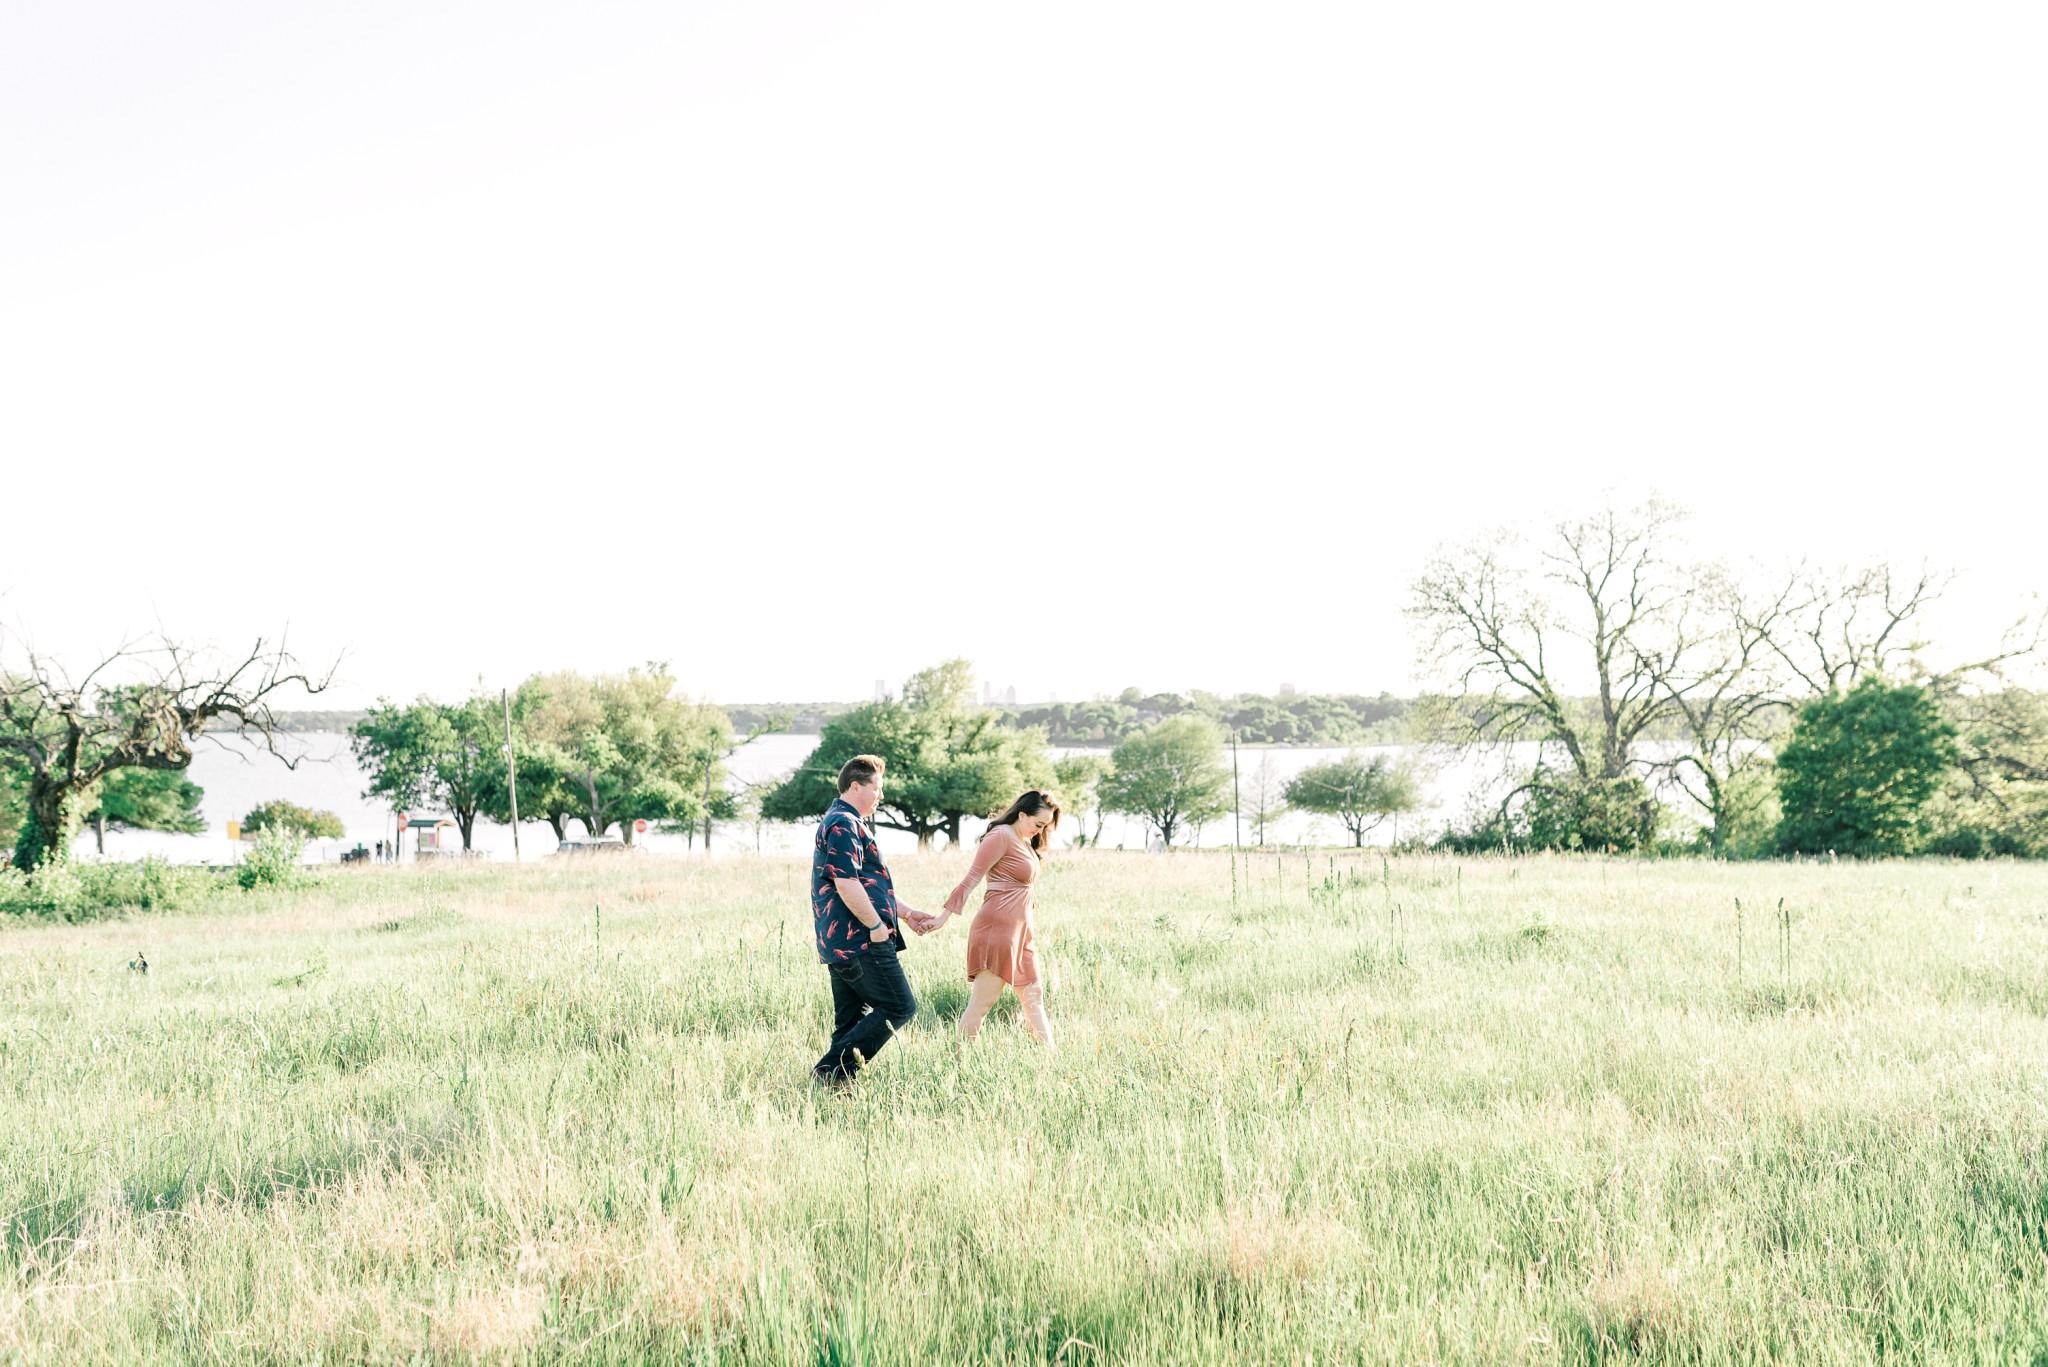 DallasEngagementPhotographer_DallasArboretum_WhiteRockLake_ChuaLeePhotography_0109.jpg